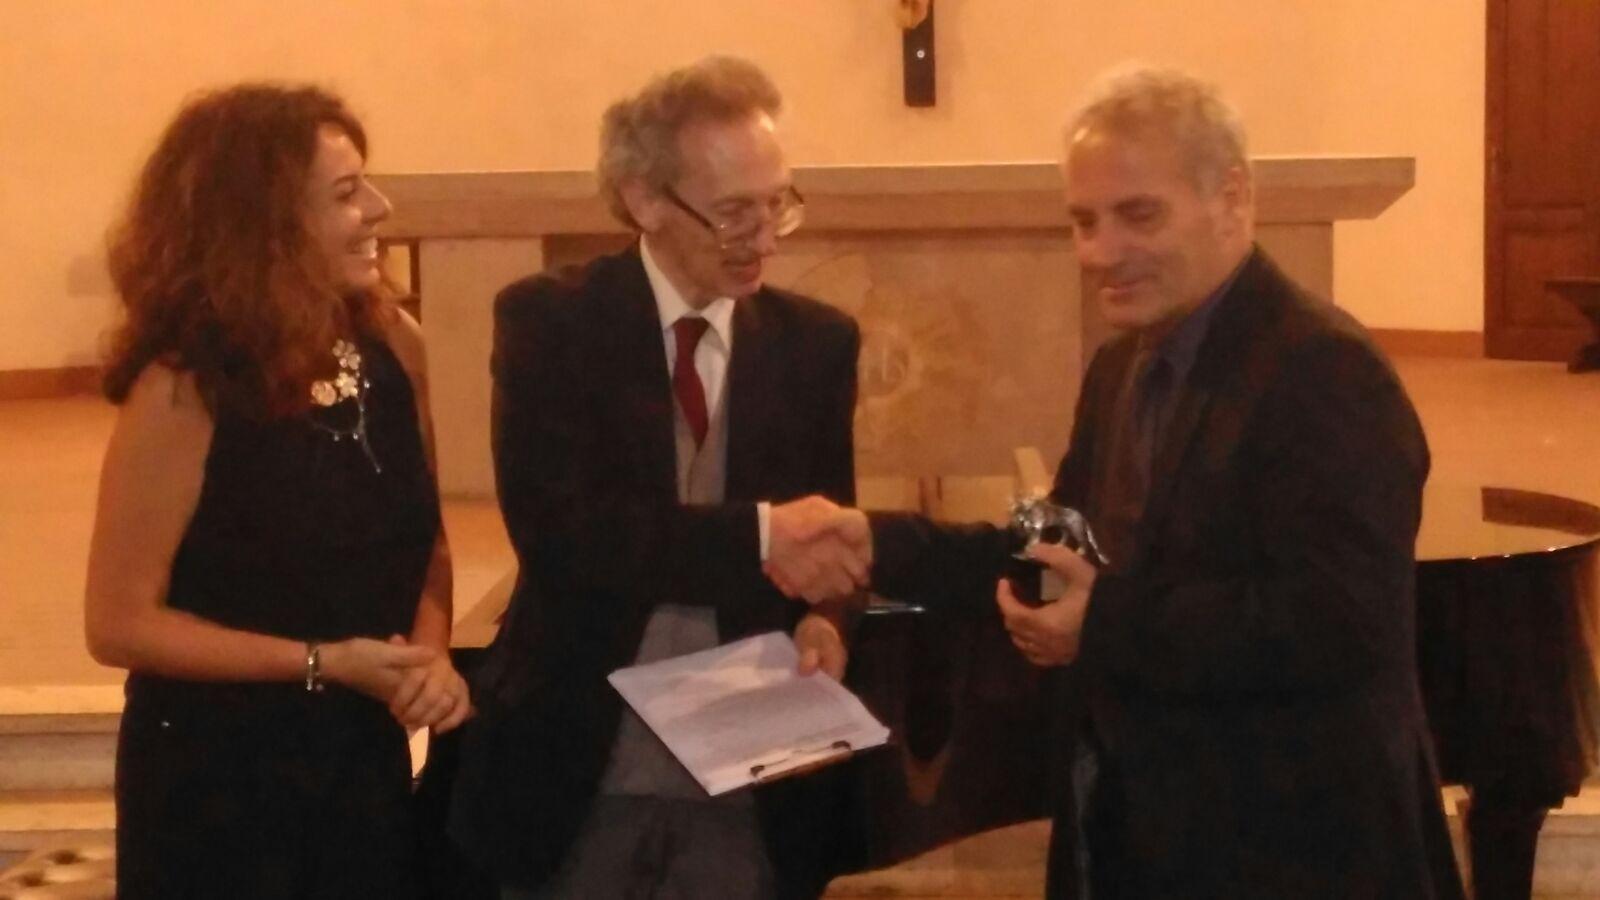 Visar Zhiti vlerësohet me çmimin letrar Gjuha e shpirtit në Itali